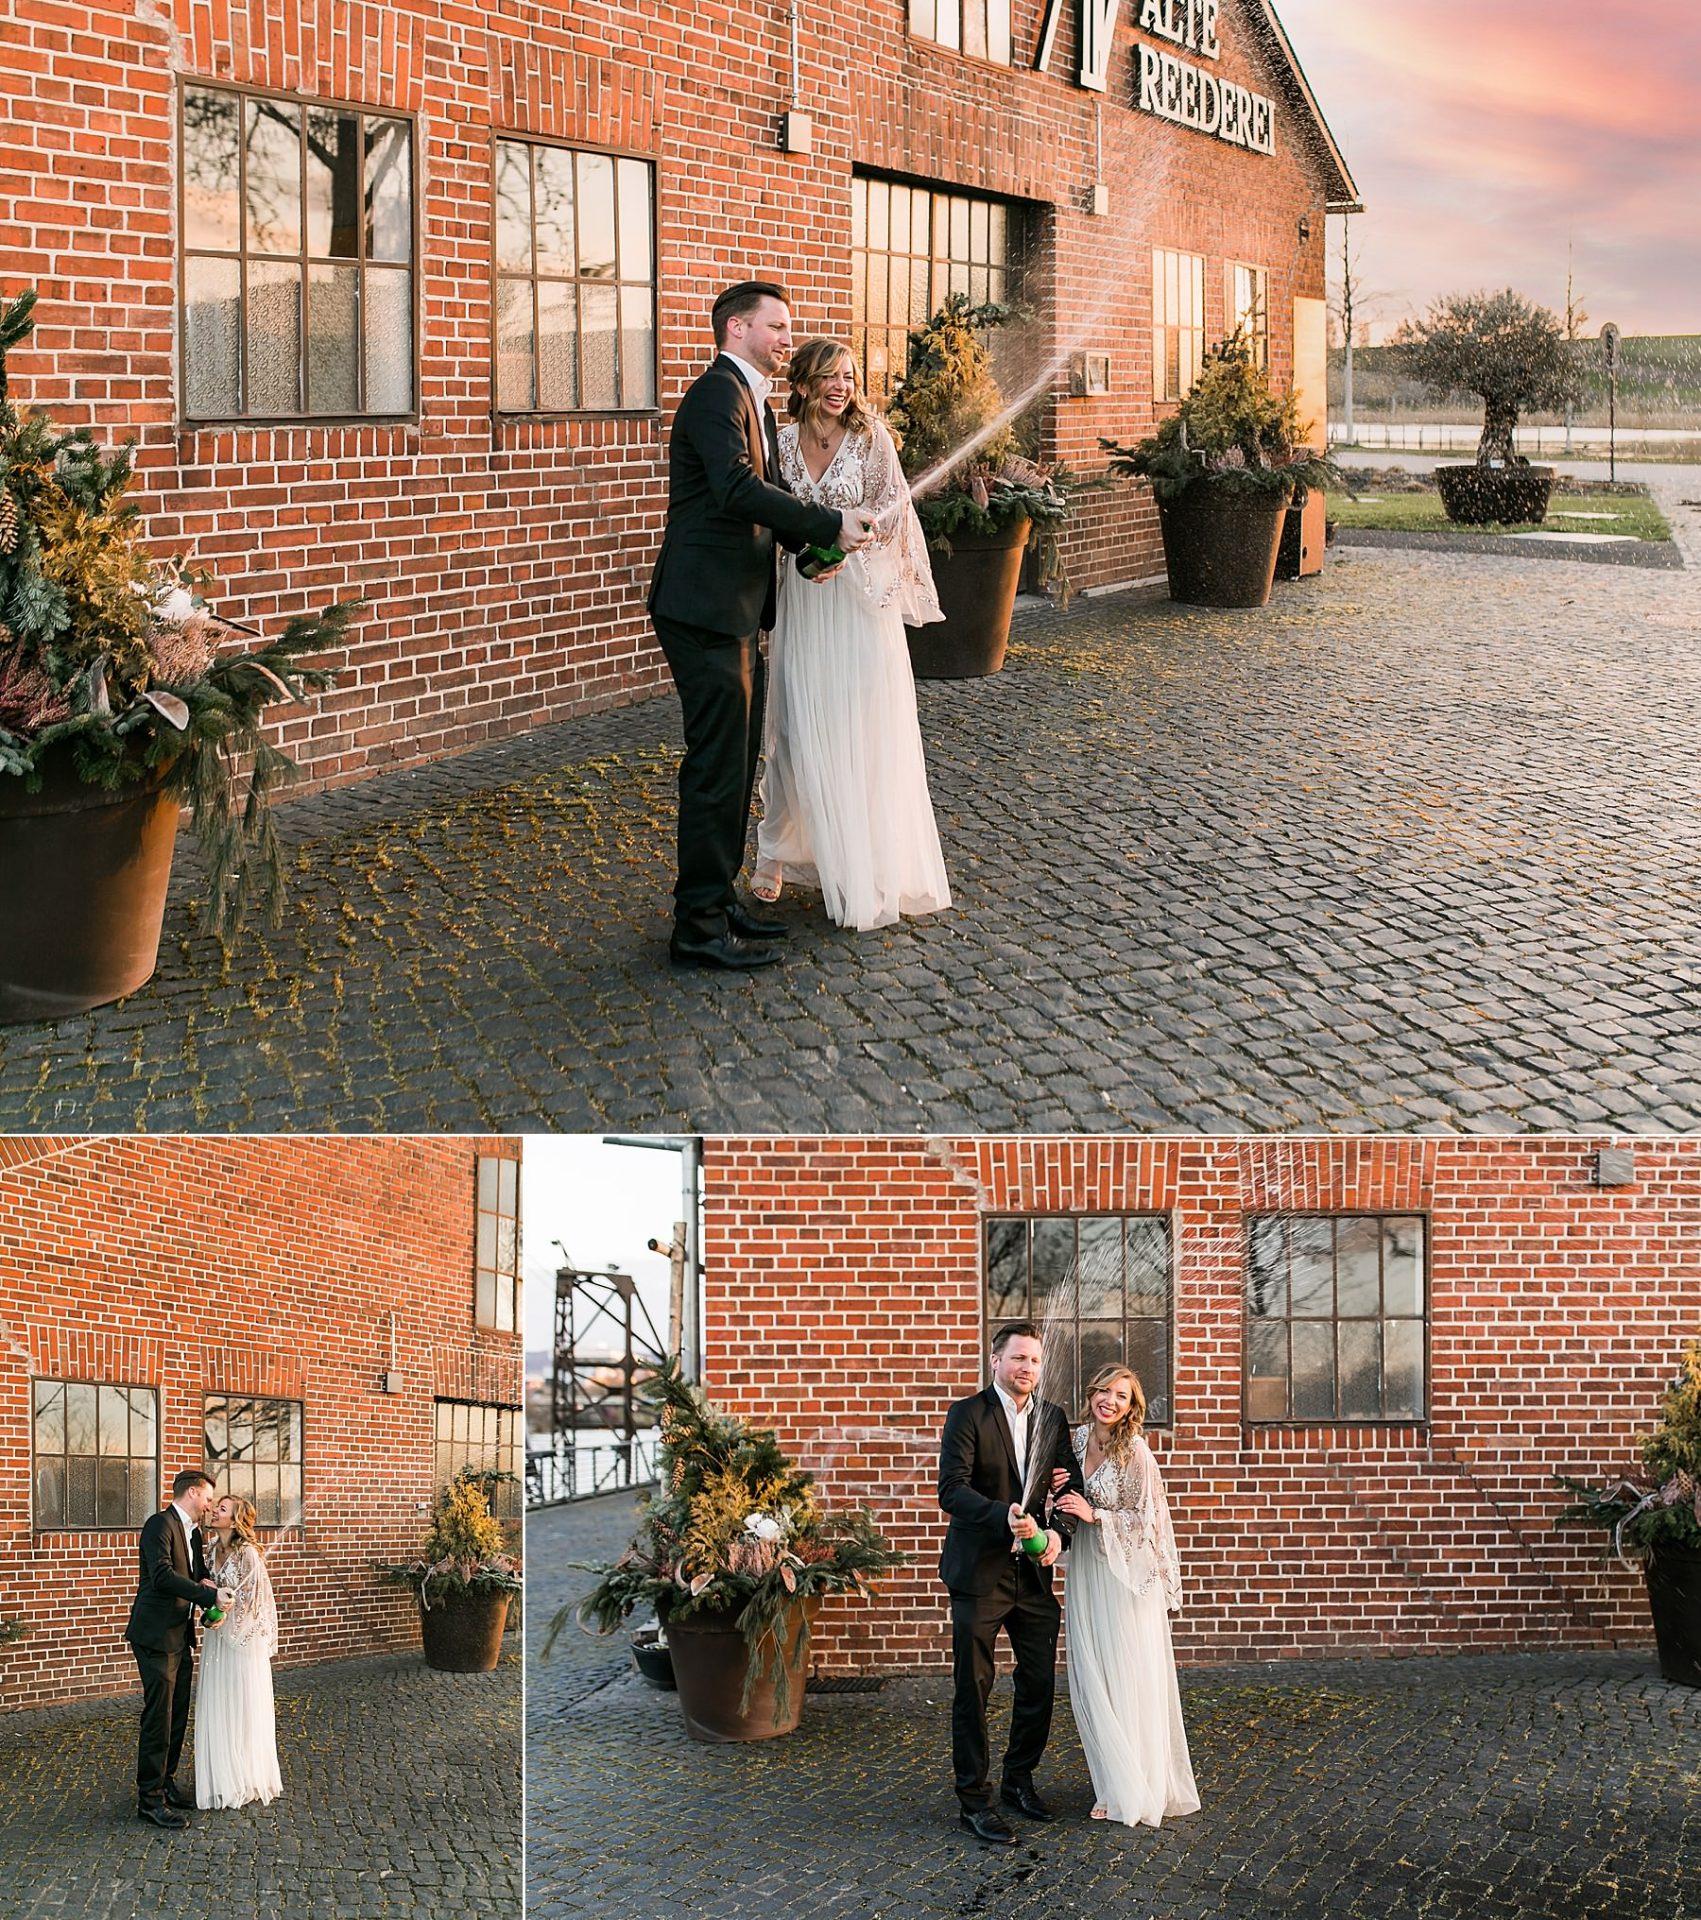 Brautpaarshooting vor der Alten Reederei in Heilbronn